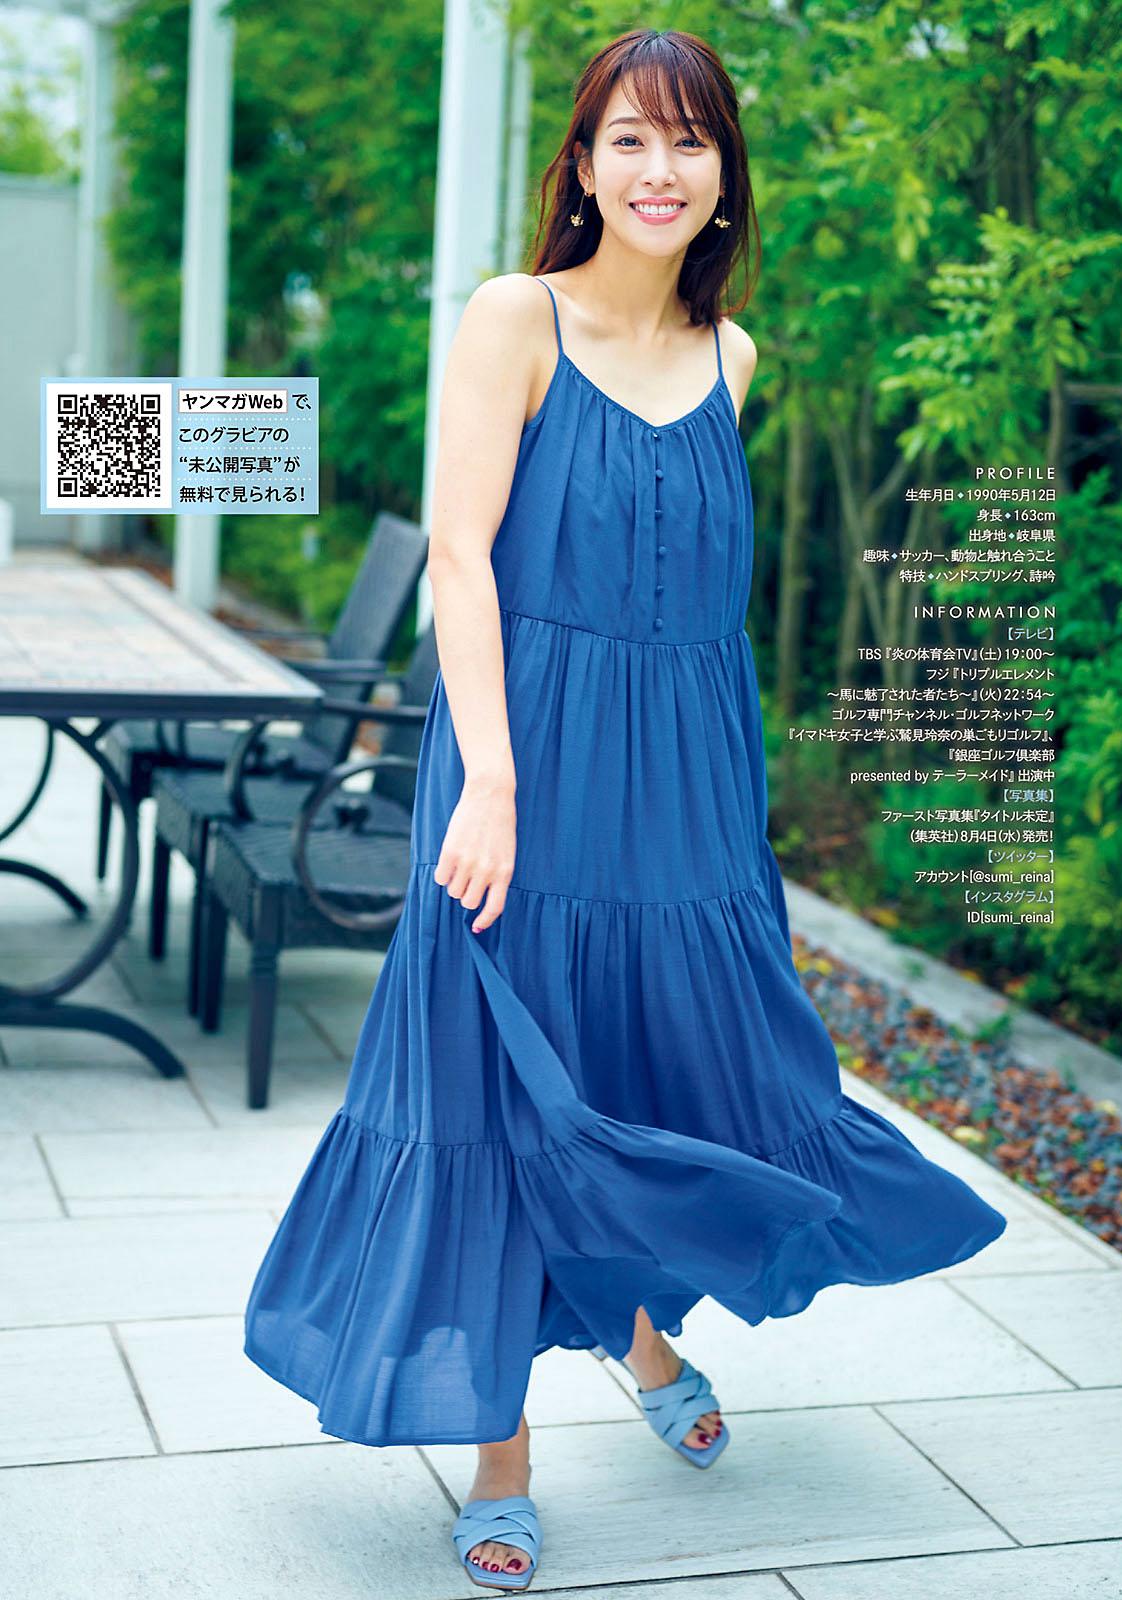 Reina Sumi Young Magazine 210705 04.jpg